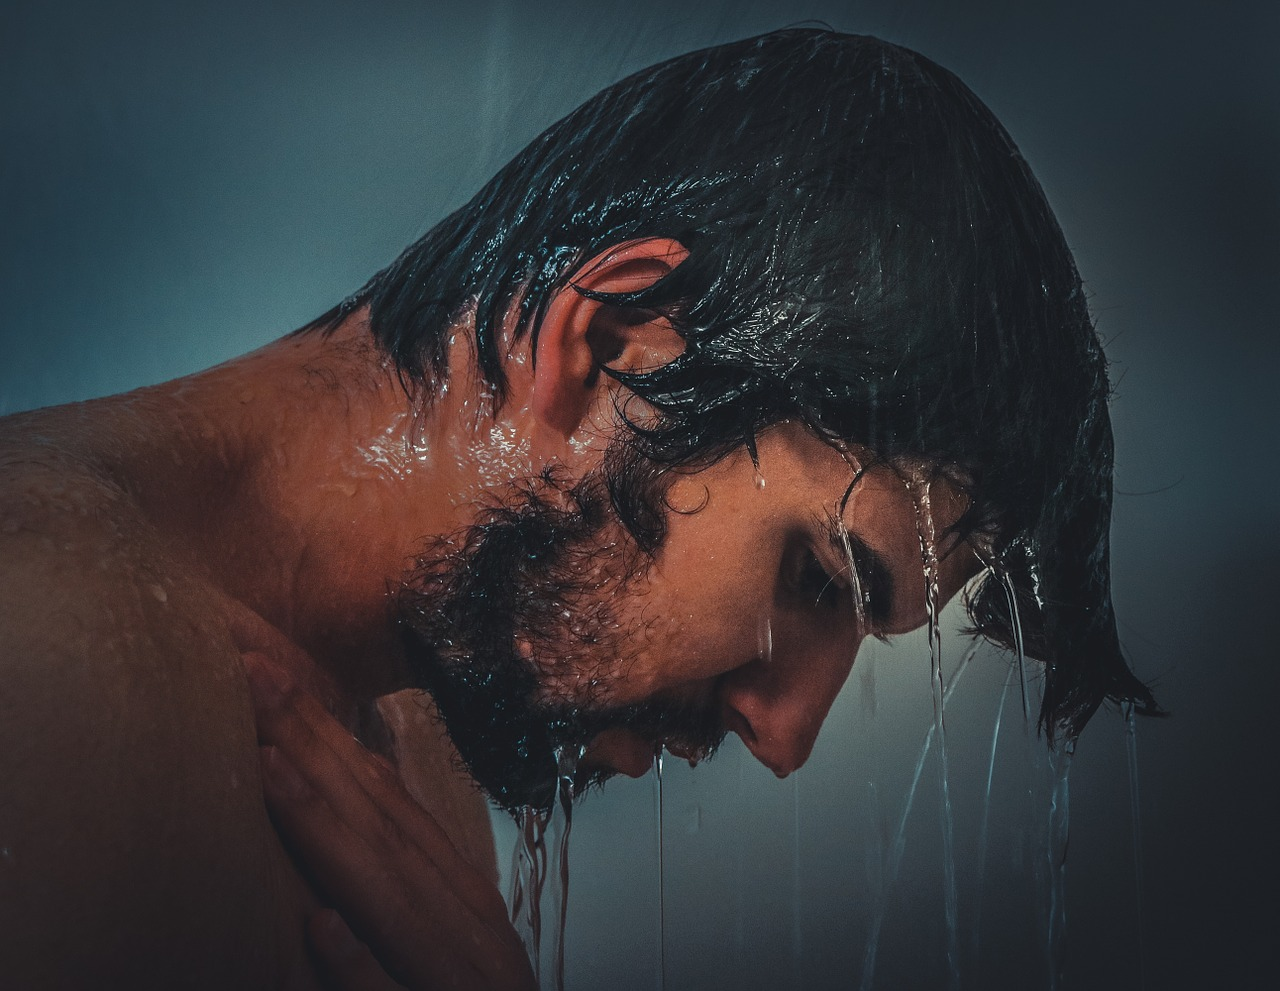 朝のシャンプーは髪の毛に影響ある?朝シャン・洗髪の悩みを解決